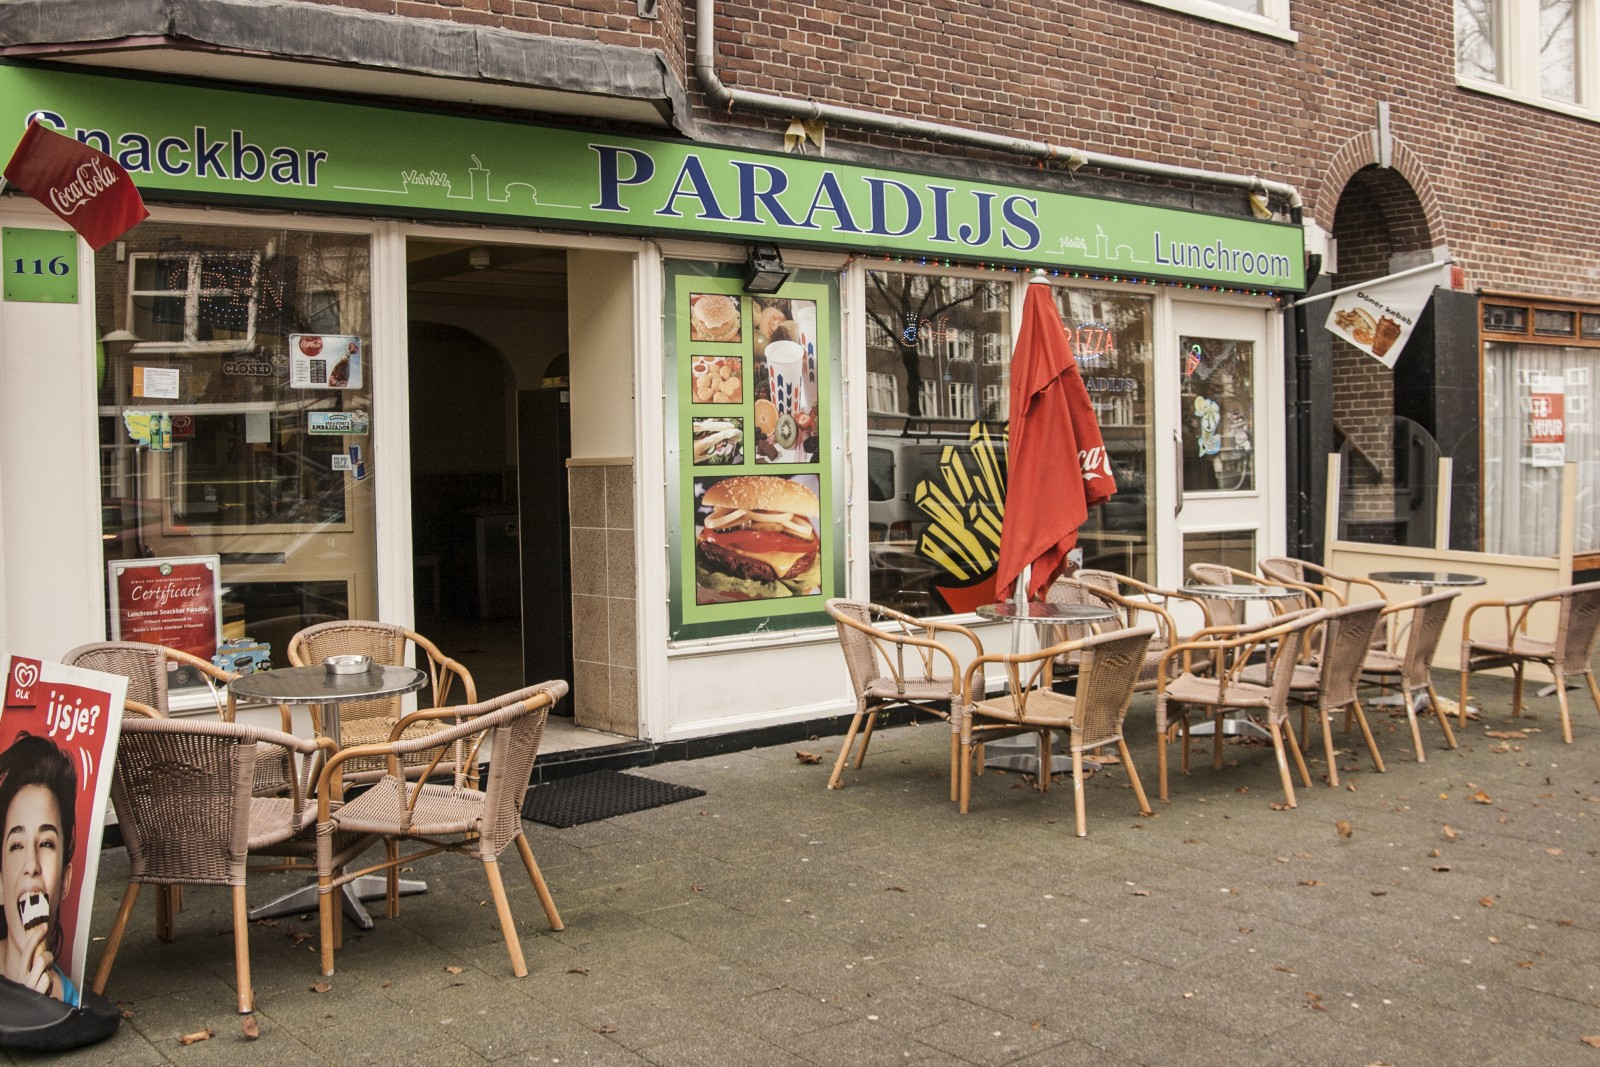 Snackbar Paradijs